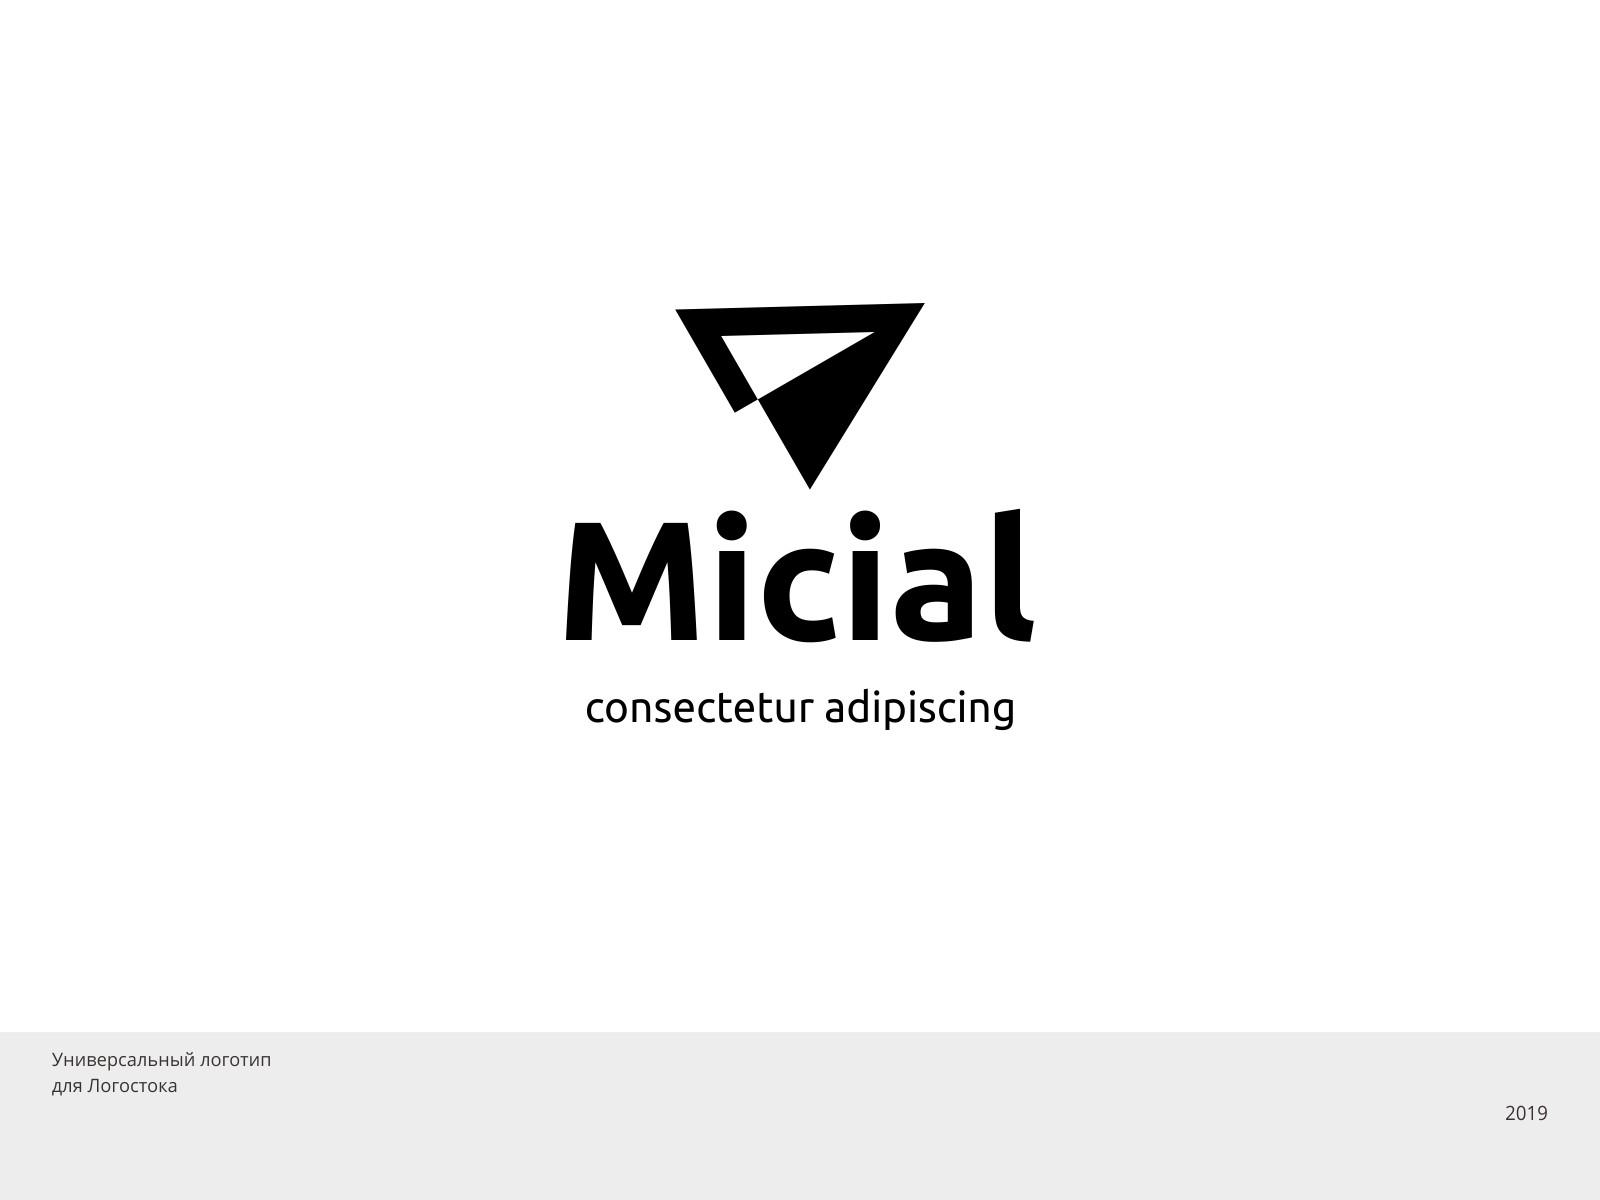 Логотип Micial